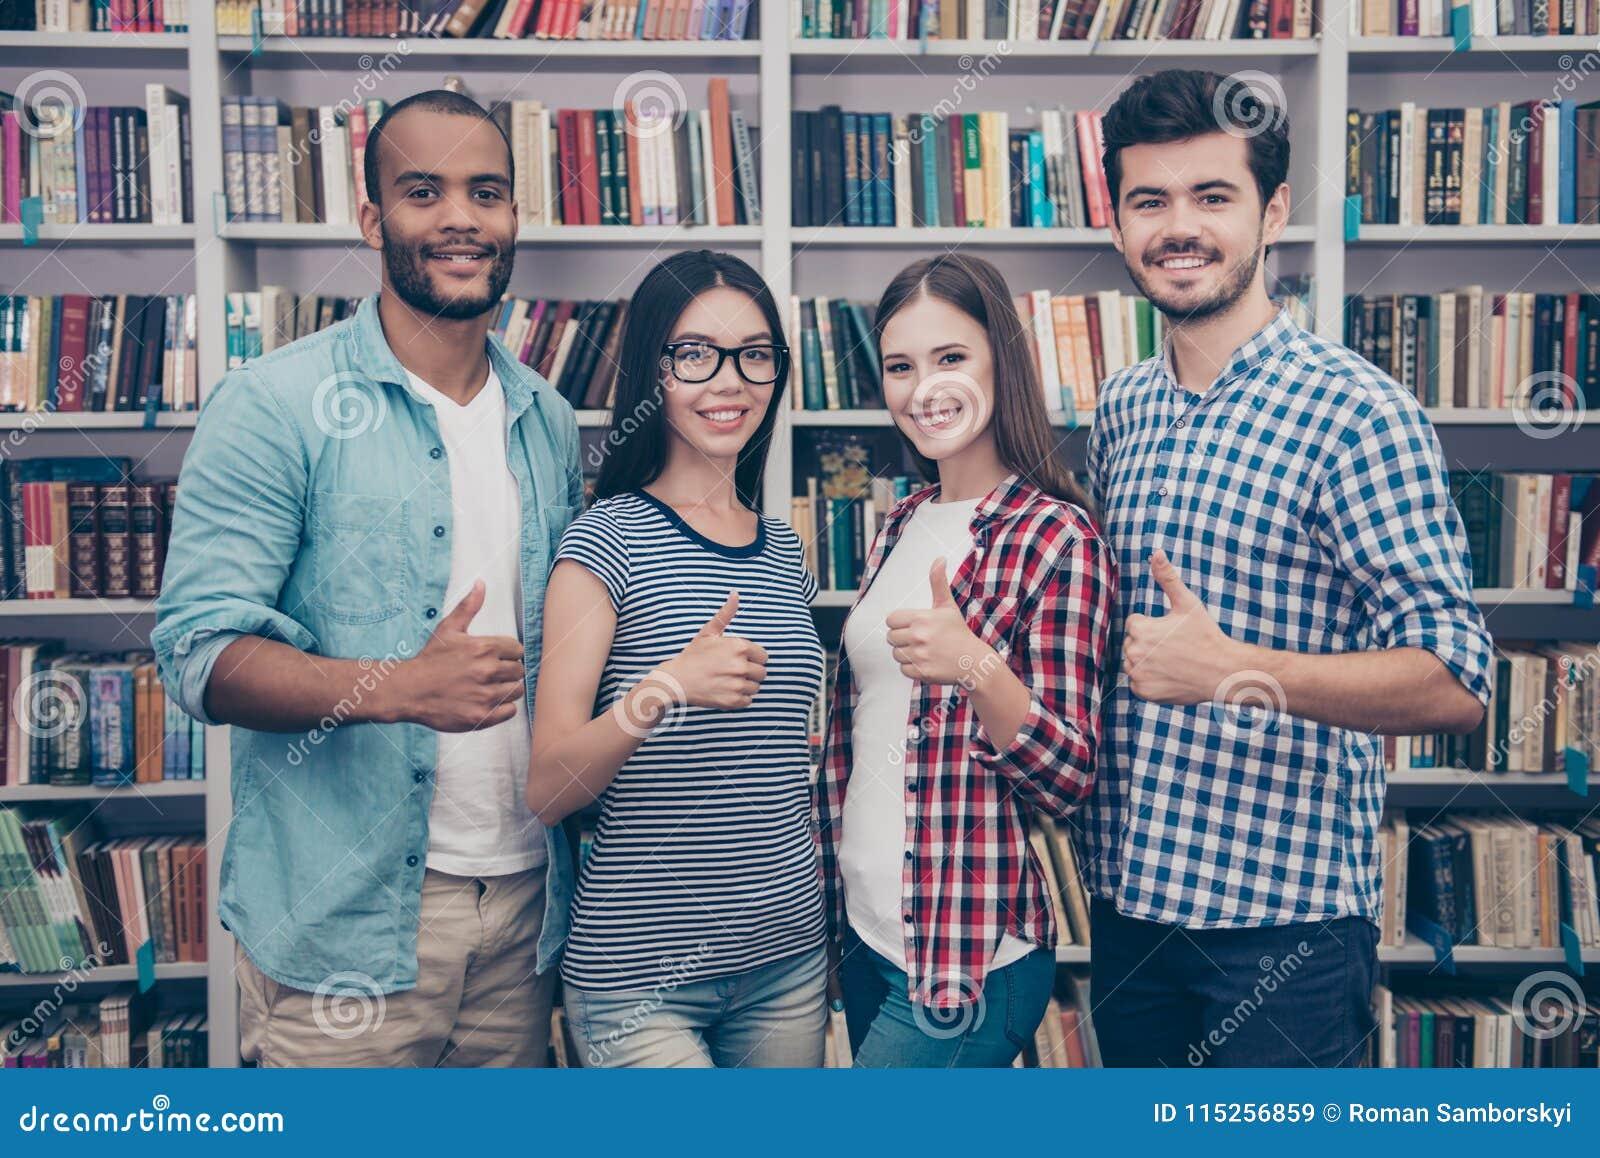 Wij houden van onderwijs! Succesvolle toekomst voor de slimme jeugd! Attra vier